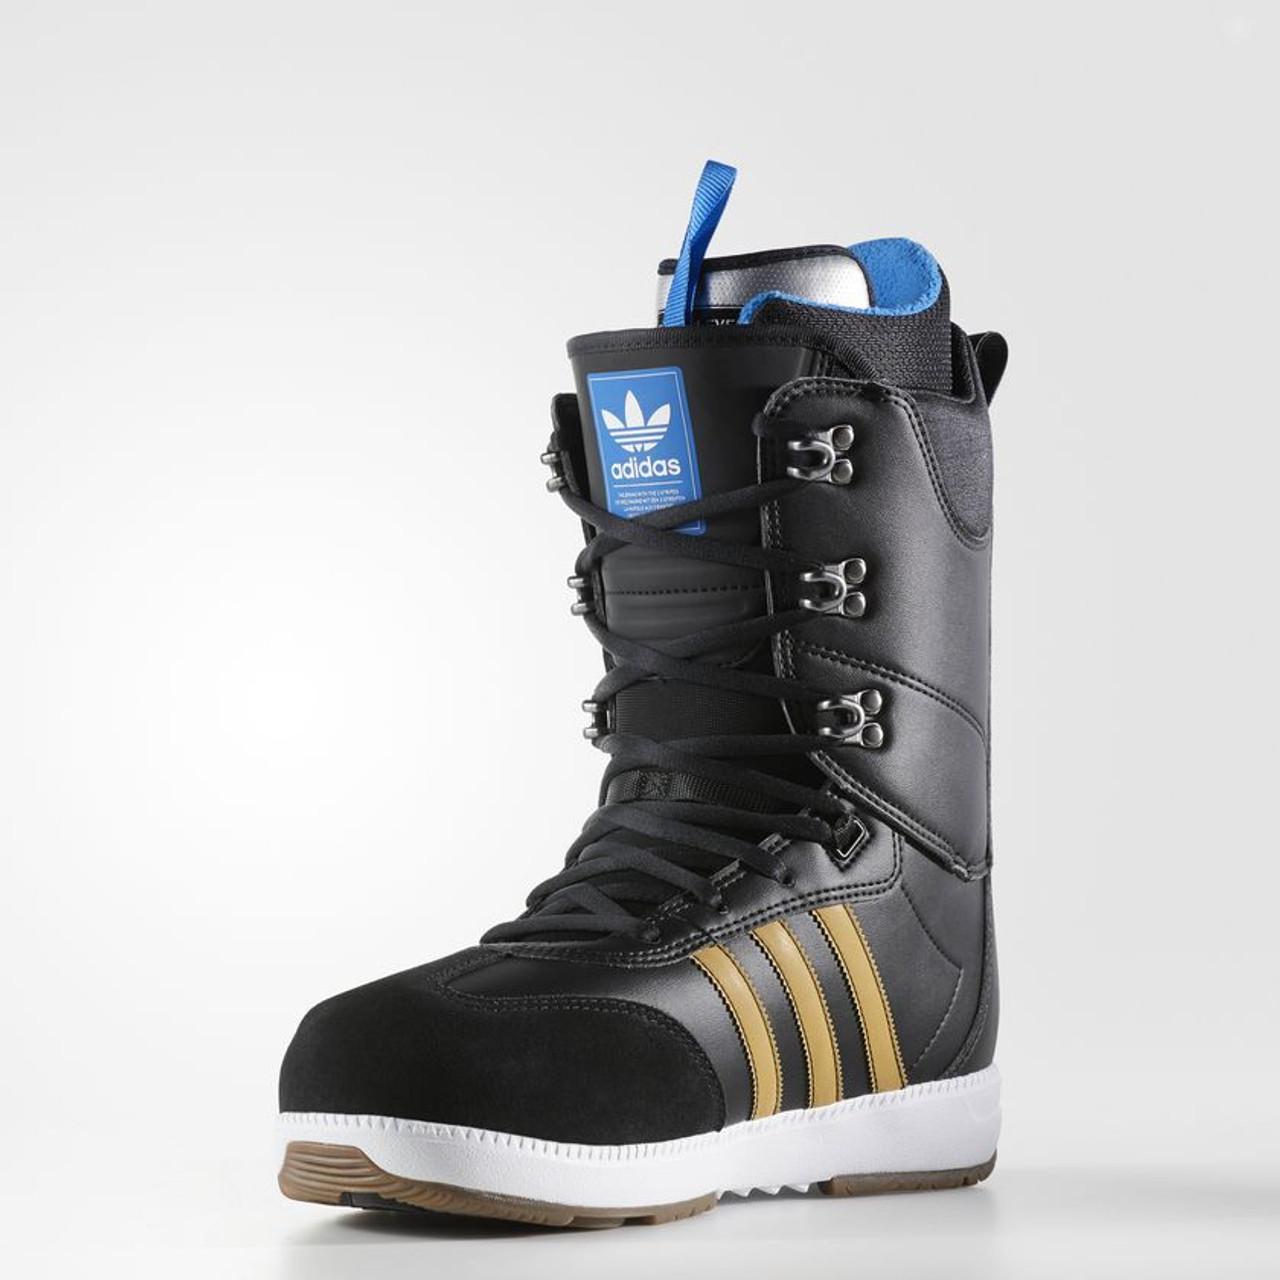 Adidas Samba Adv Snowboard Boots Mens